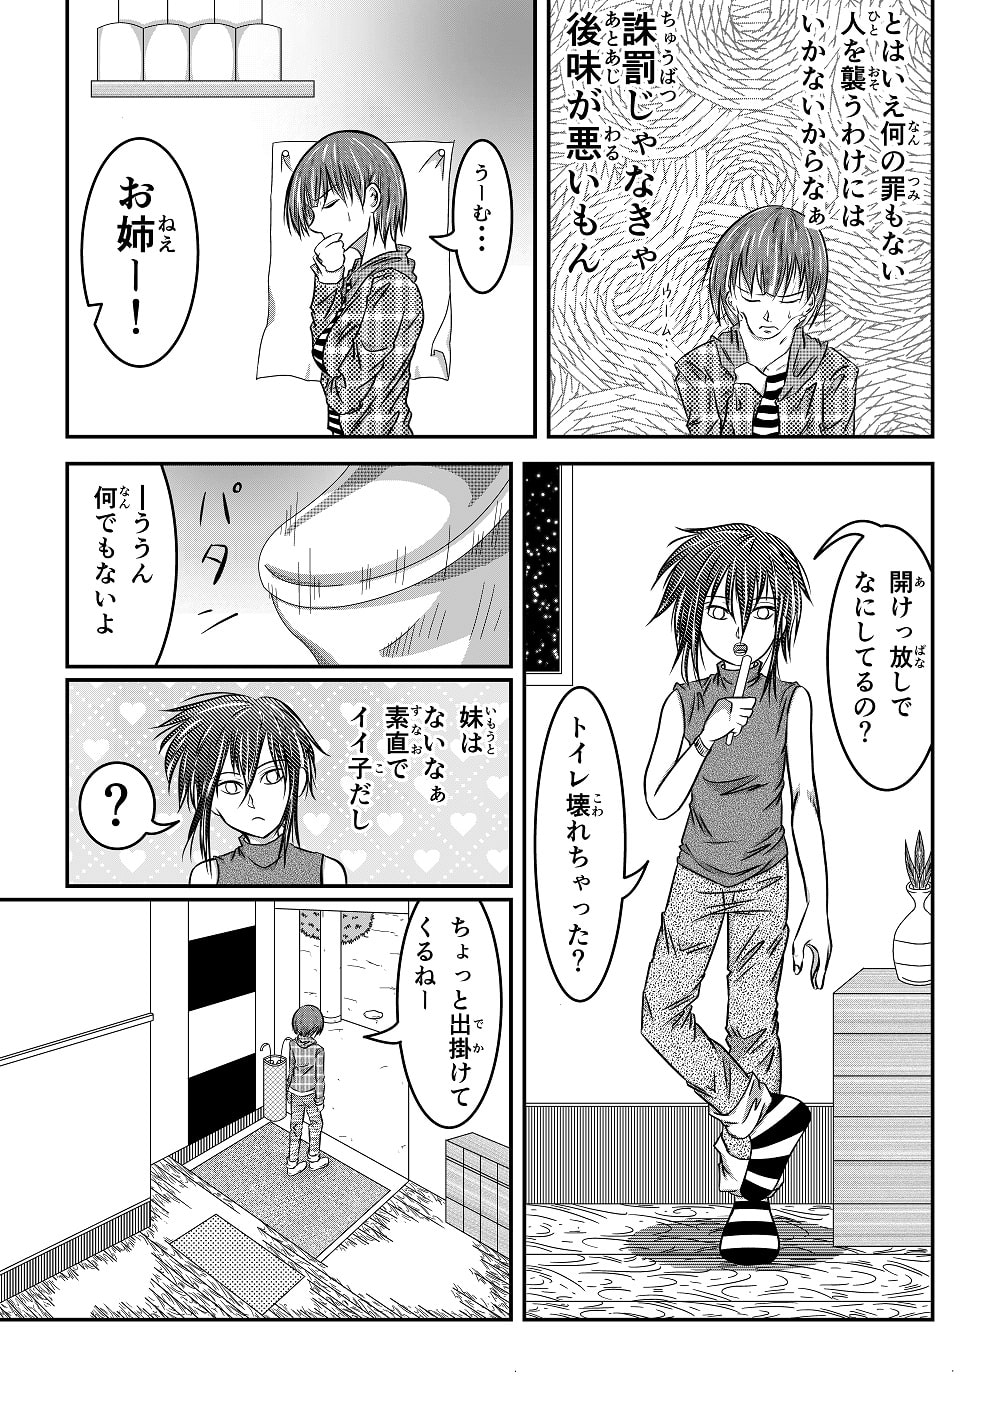 ふたなり姉